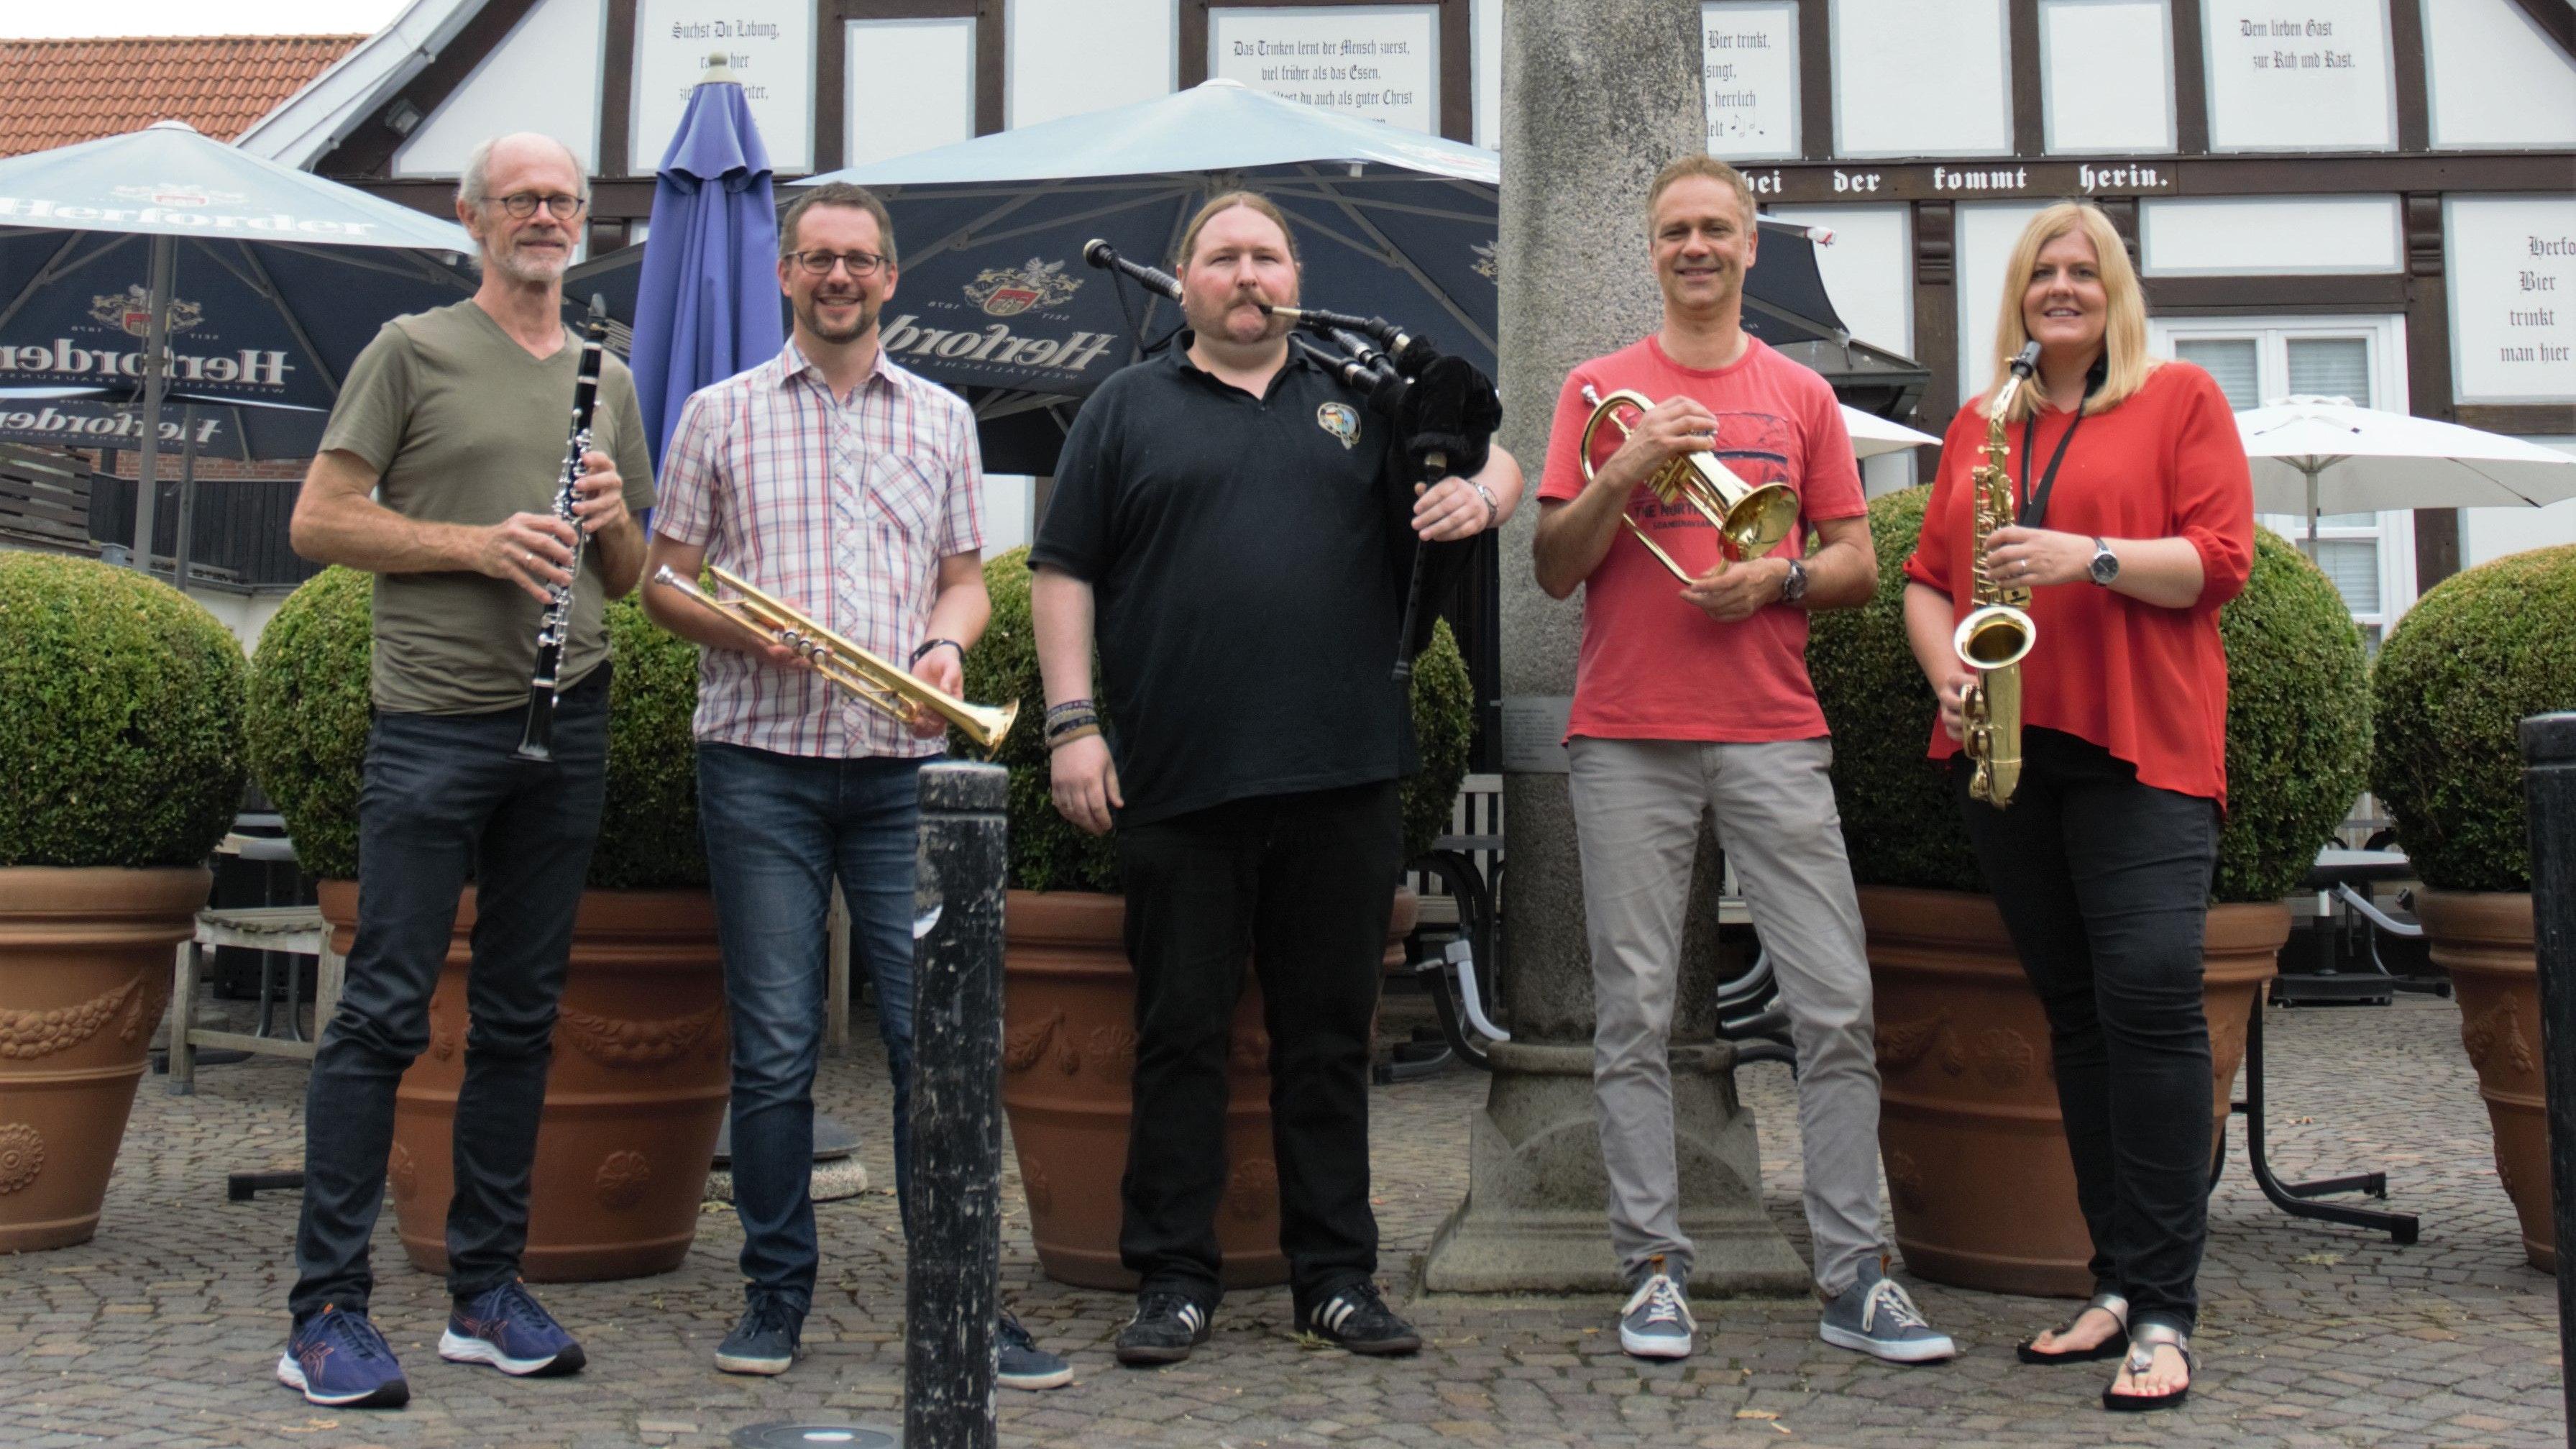 Freuen sich auf die Aktion: Rainer Wördemann, Gabriel Isenberg,Pascal Rolfes, Thomas Aldenhoff,Eva Maria Deutschländer. Foto: E. Wenzel